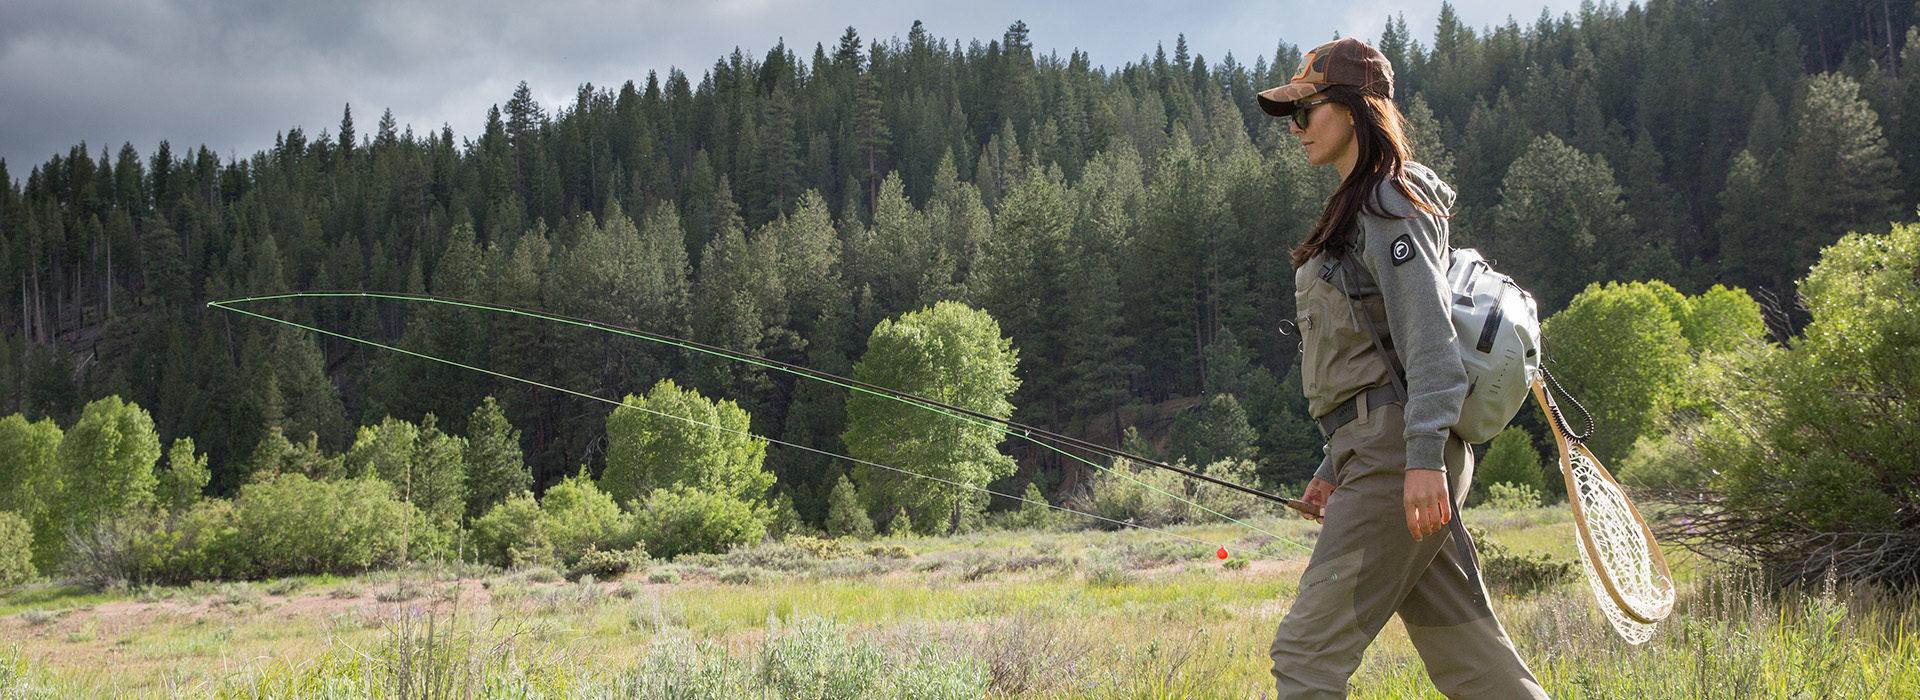 Reno Fishing, Lake Tahoe Fishing, Fishing Charters, Fly Fishing